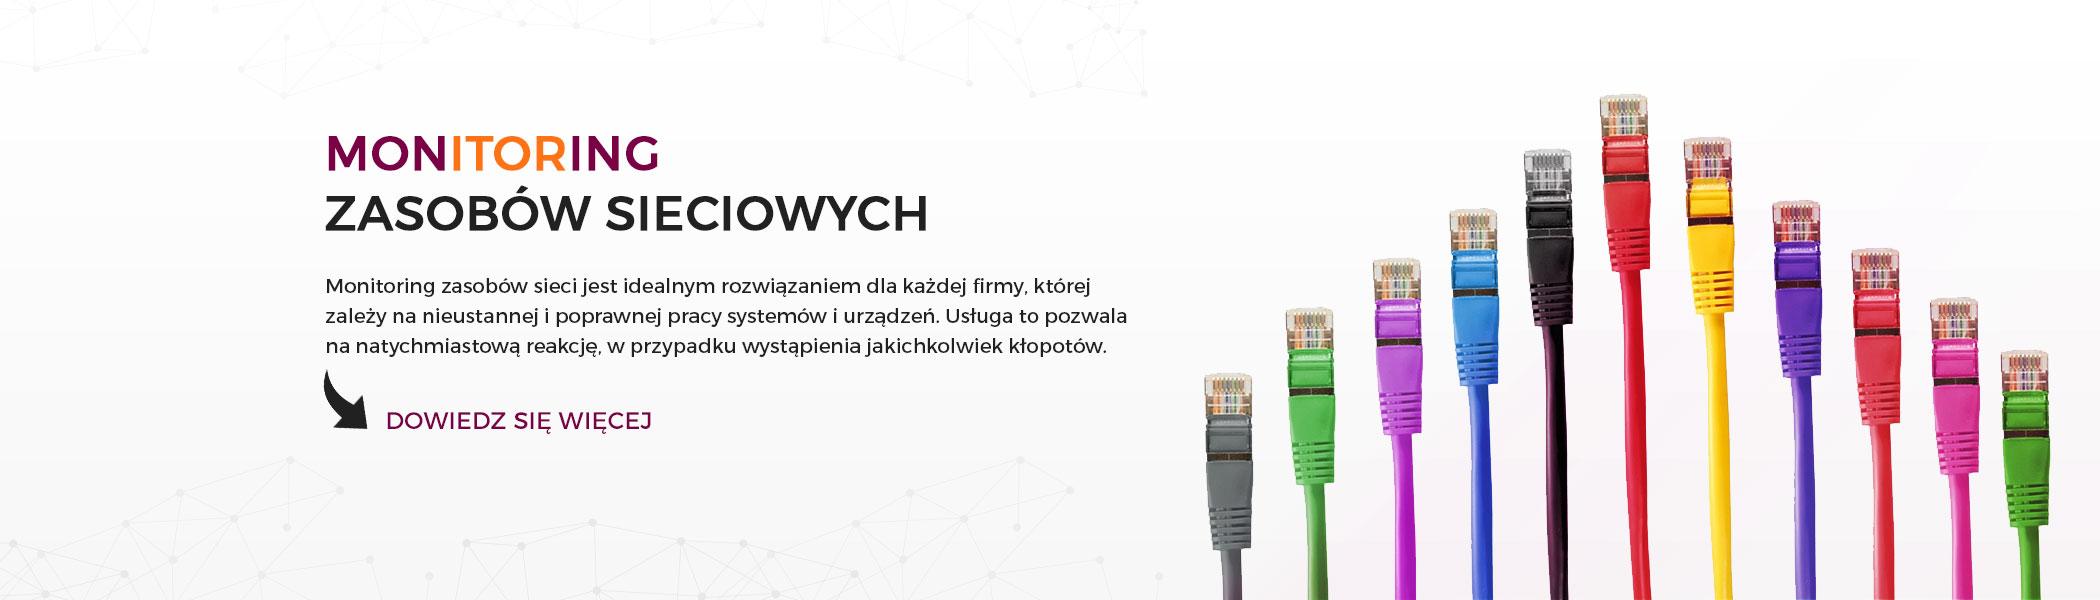 monitoring zasobów sieciowych